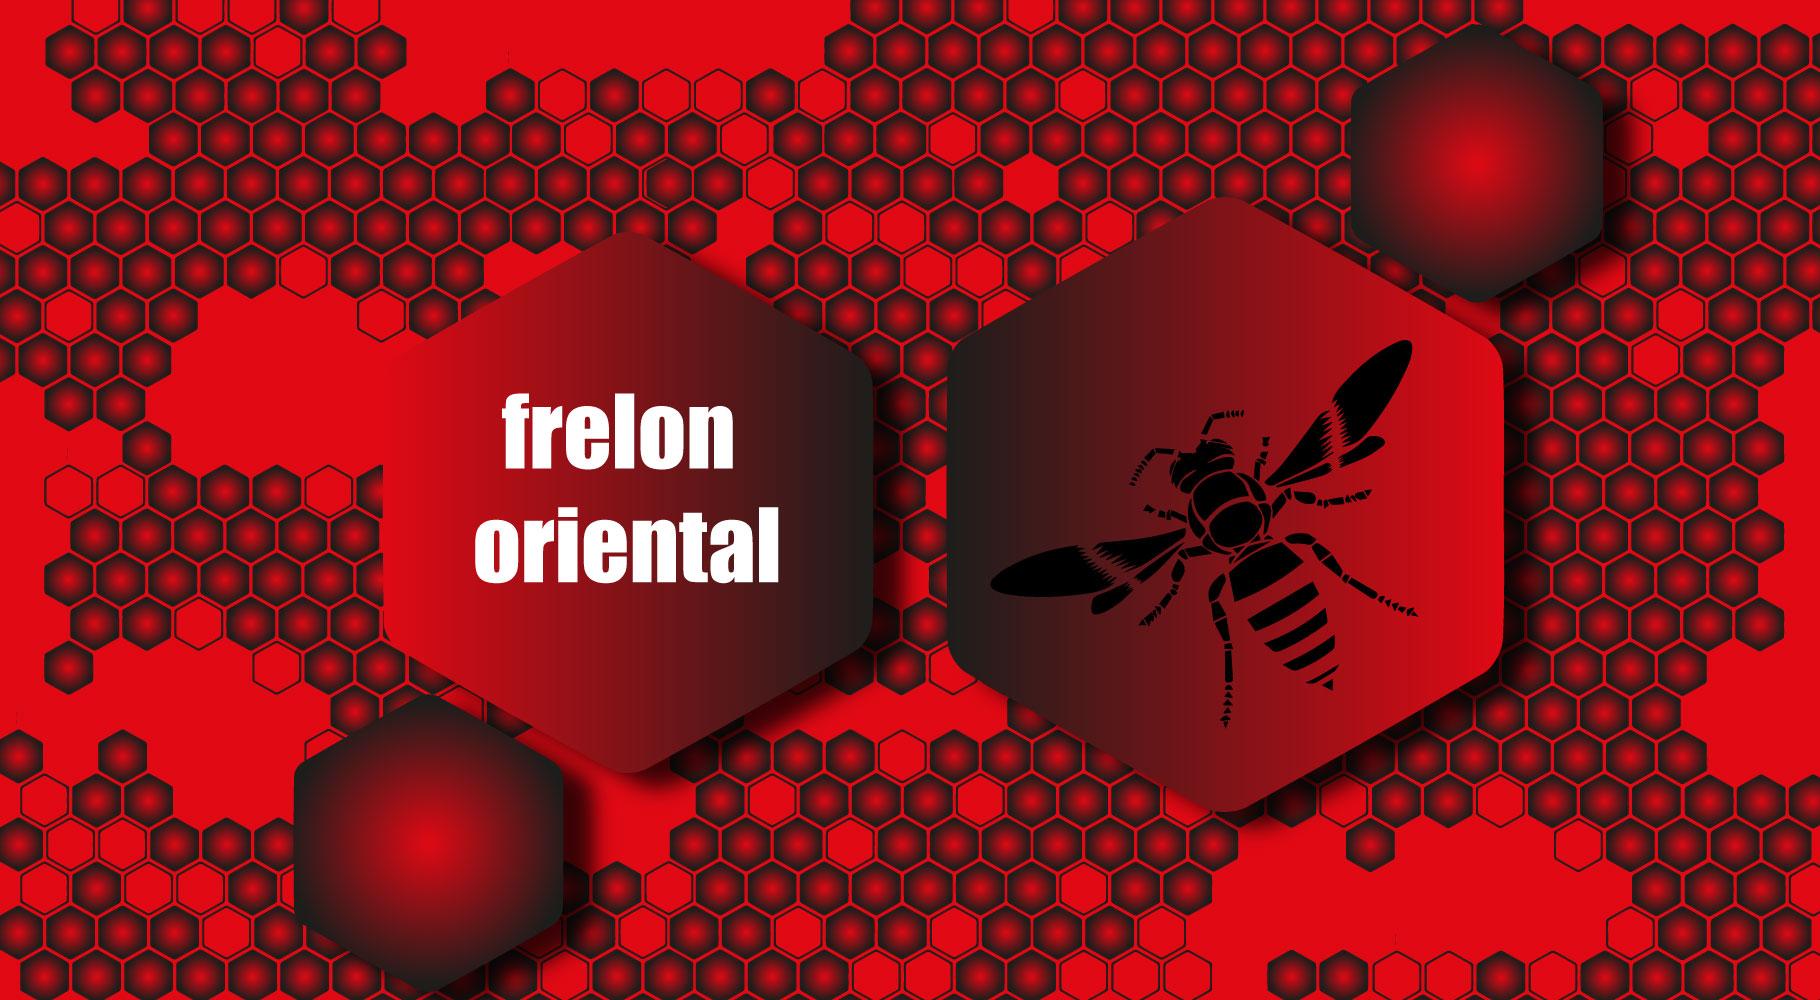 Frelon oriental